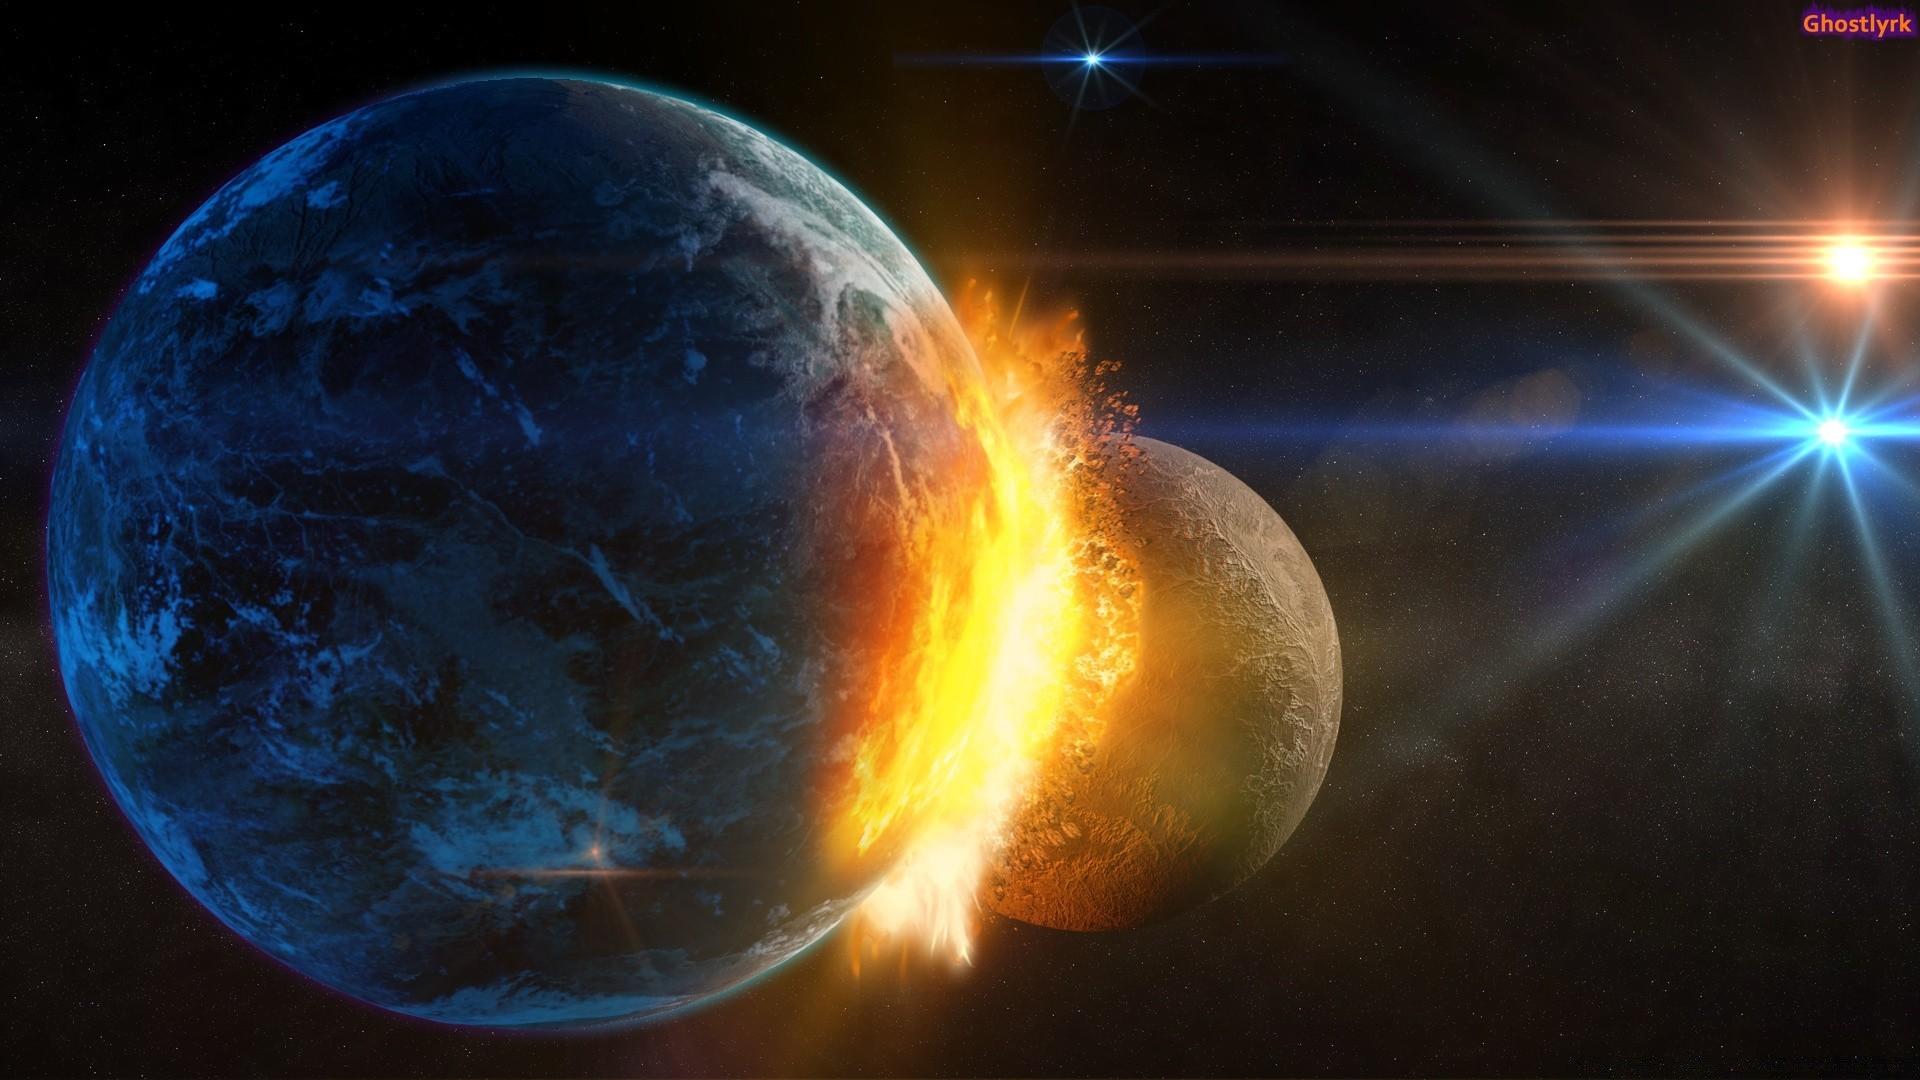 вкус есть картинки на рабочий стол планеты солнечной системы они имеют близкую